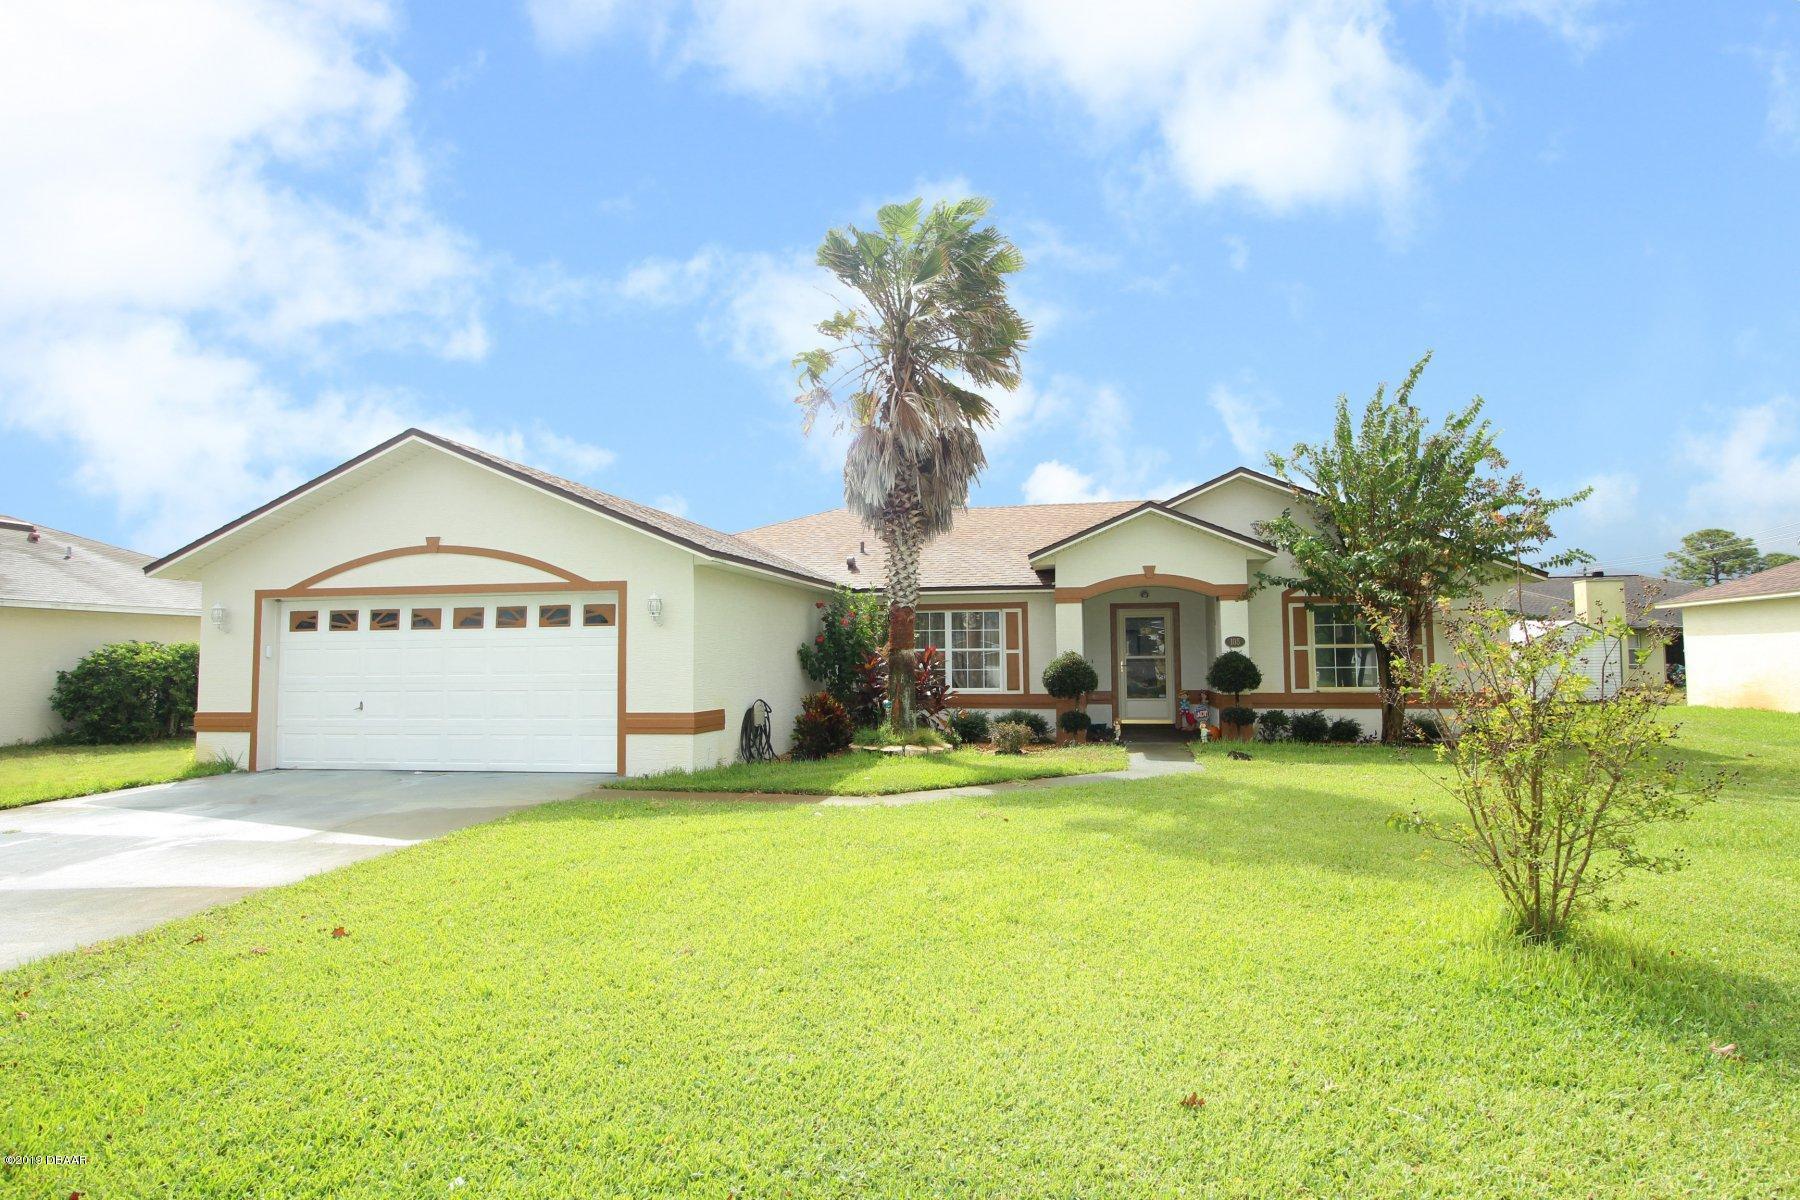 105 Heathrow Drive, Holly Hill, Florida